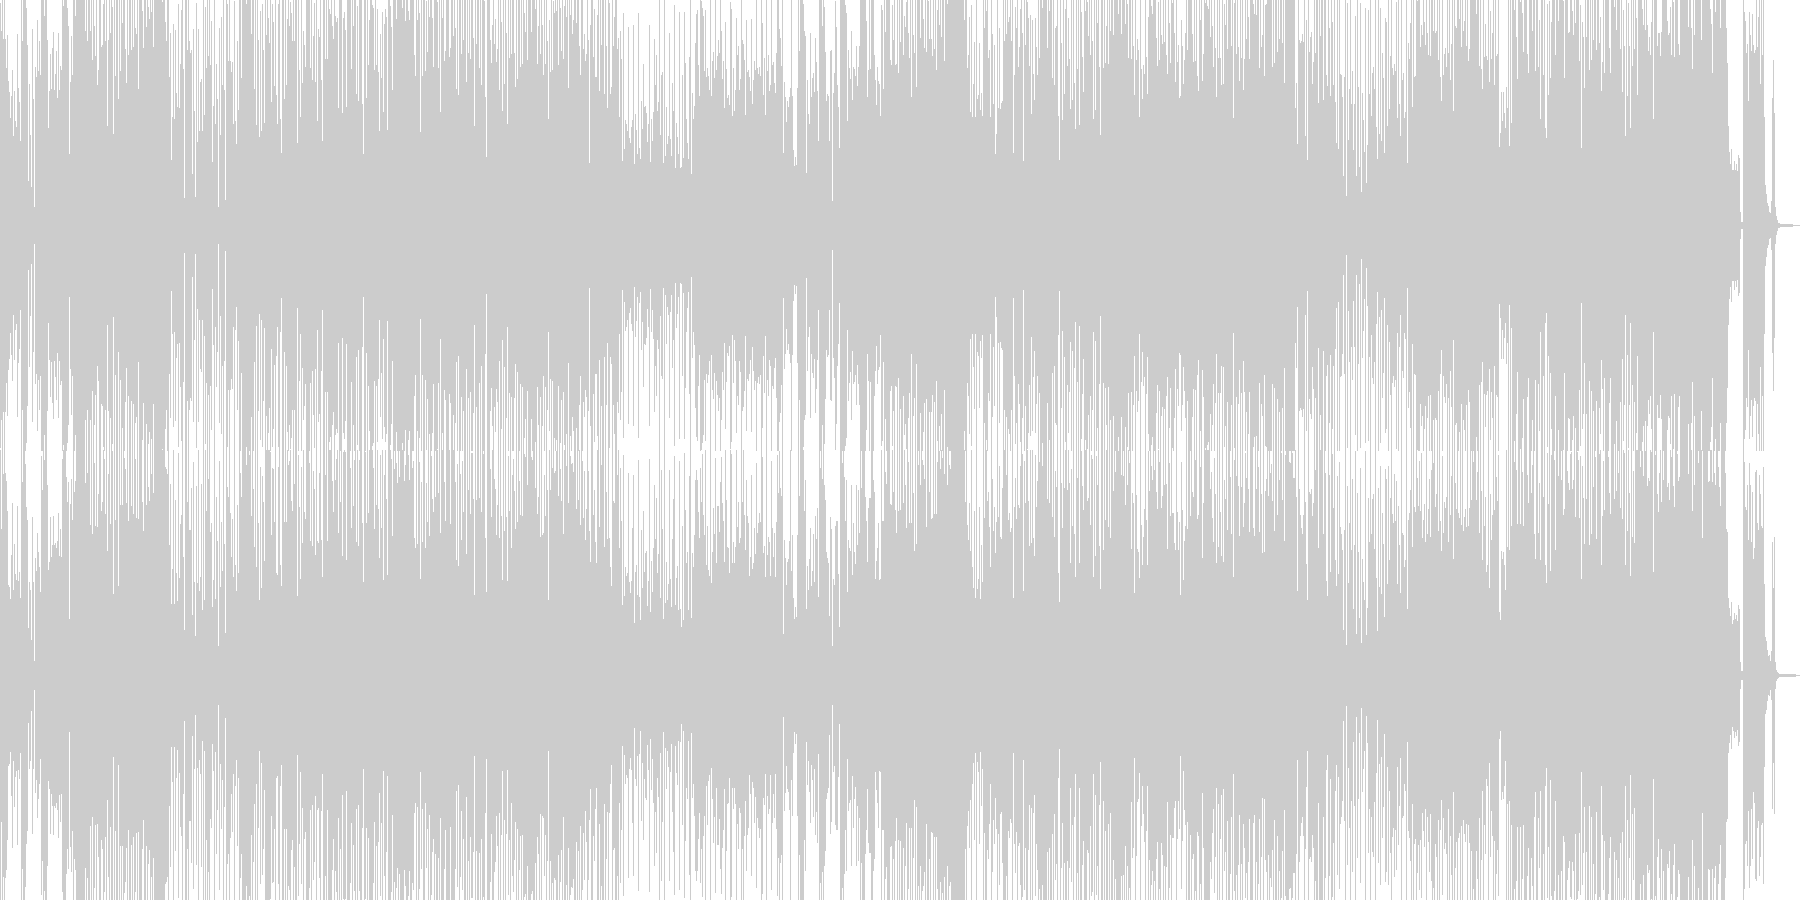 ツーリング日和・軽快なトランペットジャズの未再生の波形